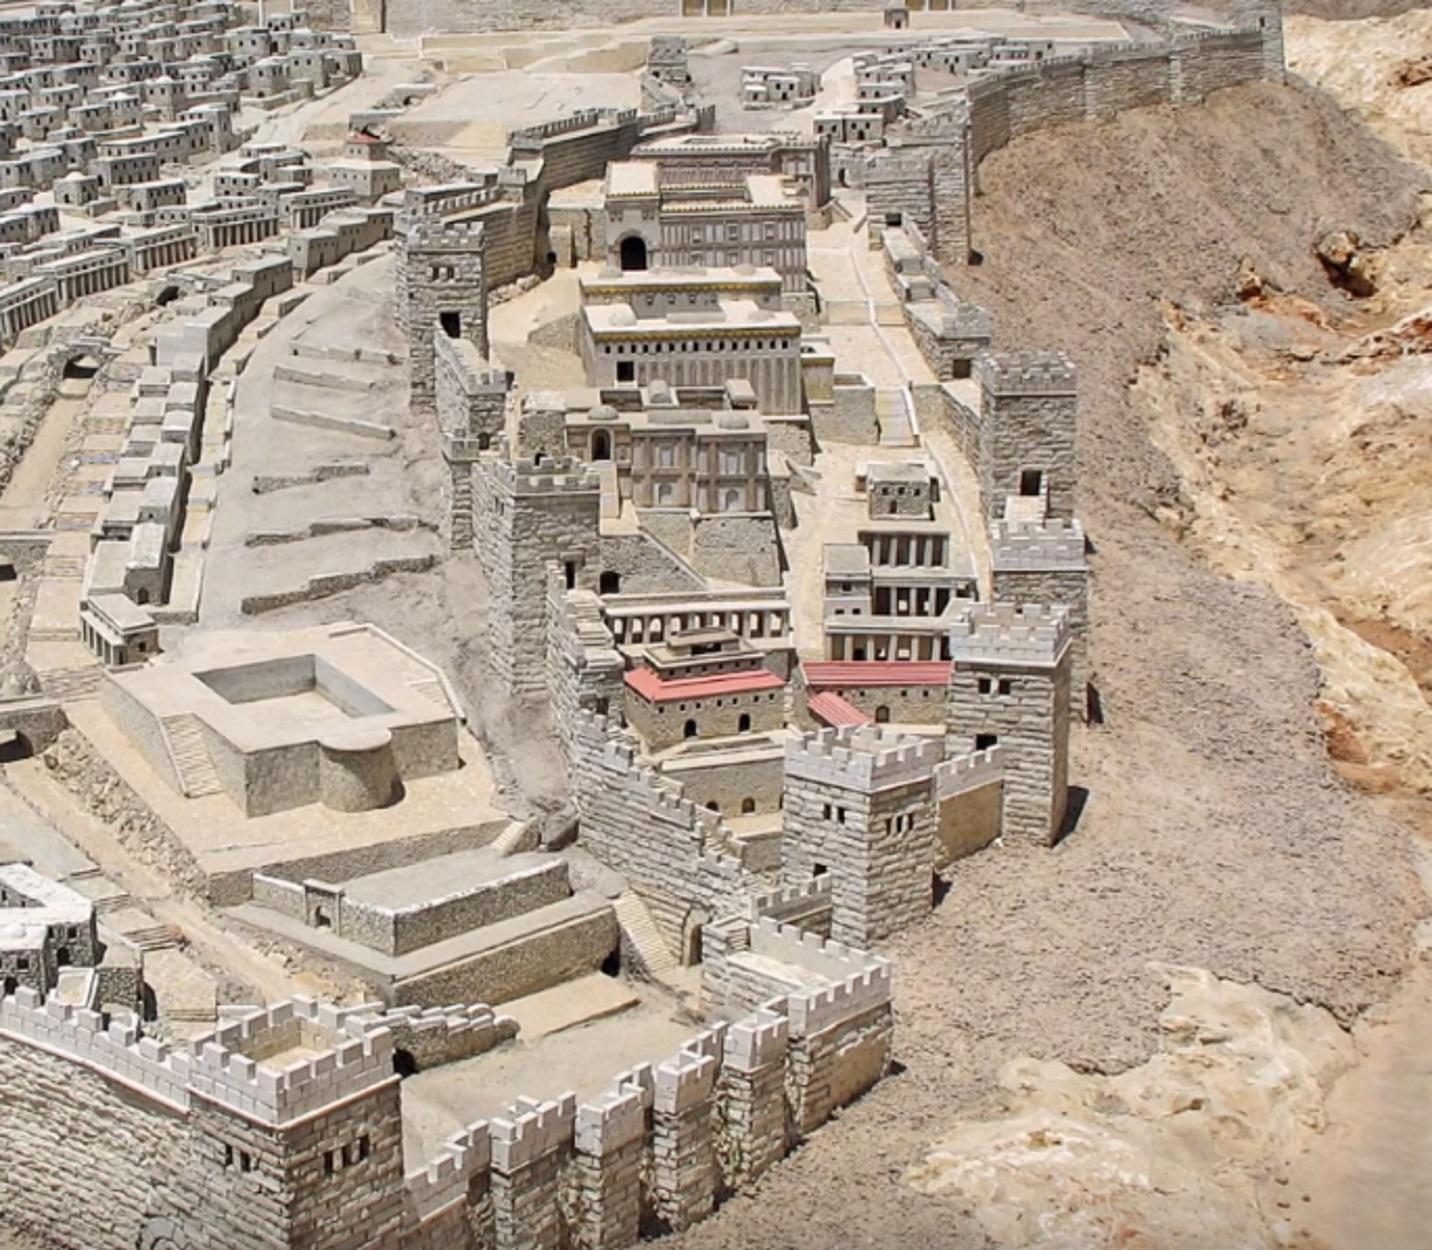 Ισραήλ: Βρήκαν αρχαία πόλη που αναφέρεται στην Παλαιά Διαθήκη!